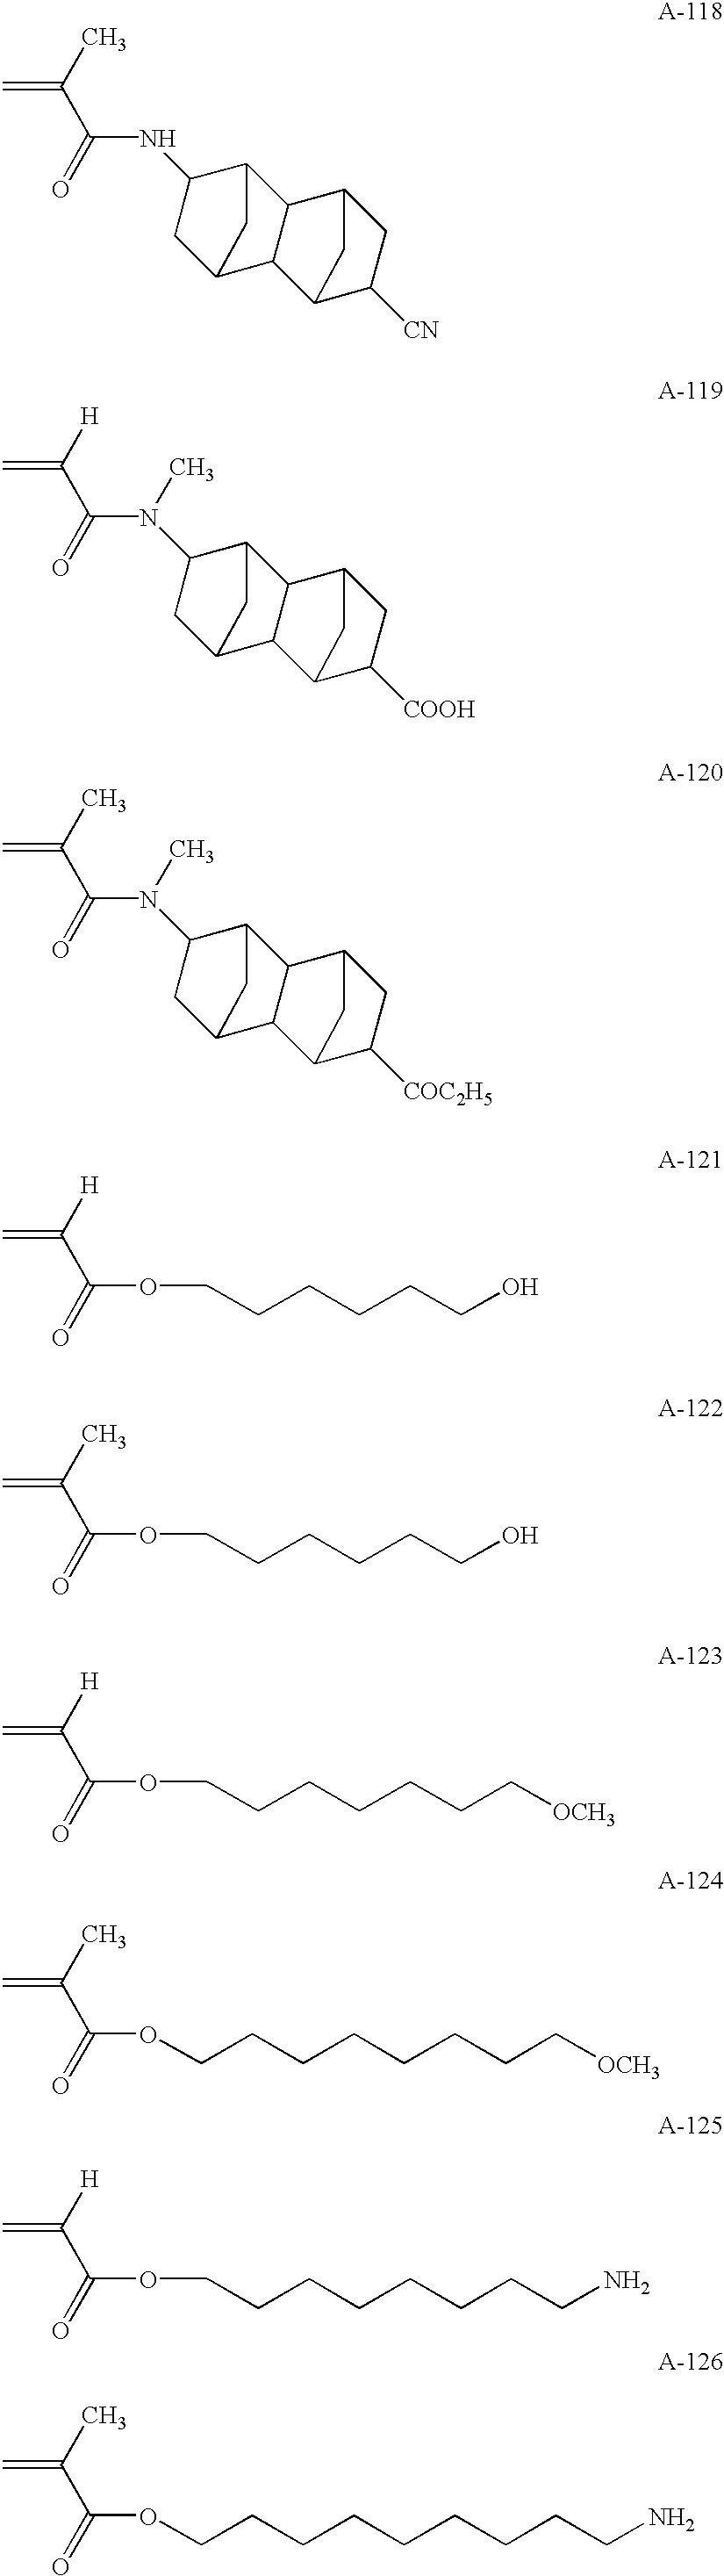 Figure US06830872-20041214-C00023